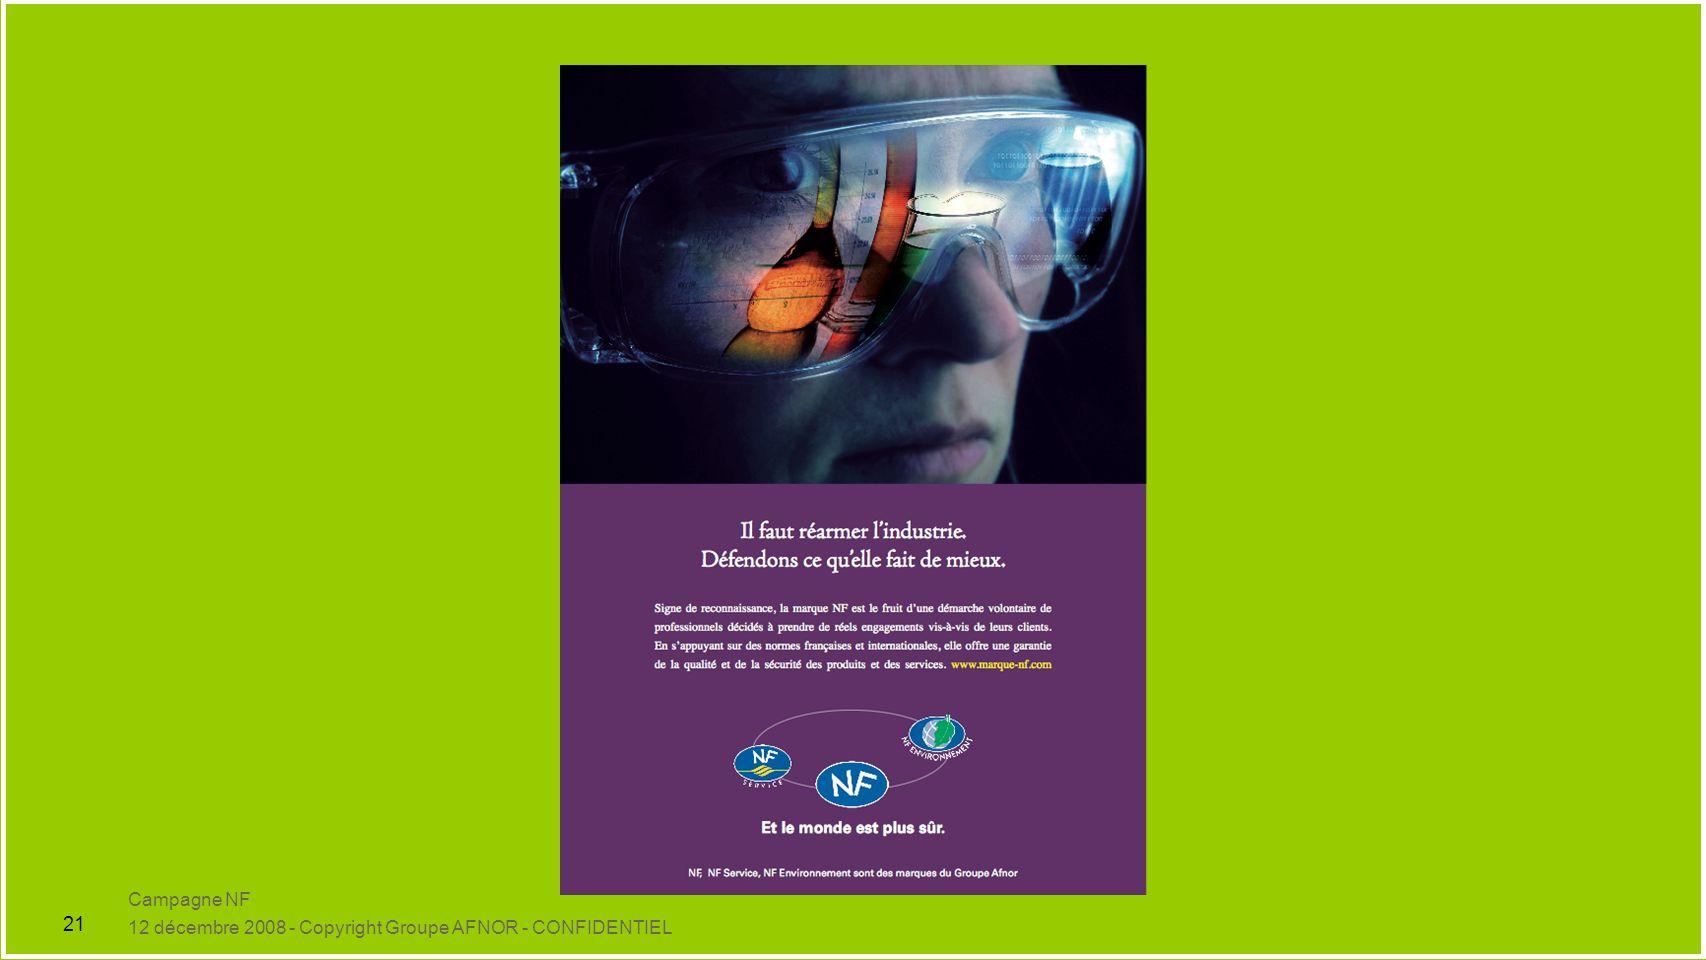 Campagne NF 12 décembre 2008 - Copyright Groupe AFNOR - CONFIDENTIEL 21